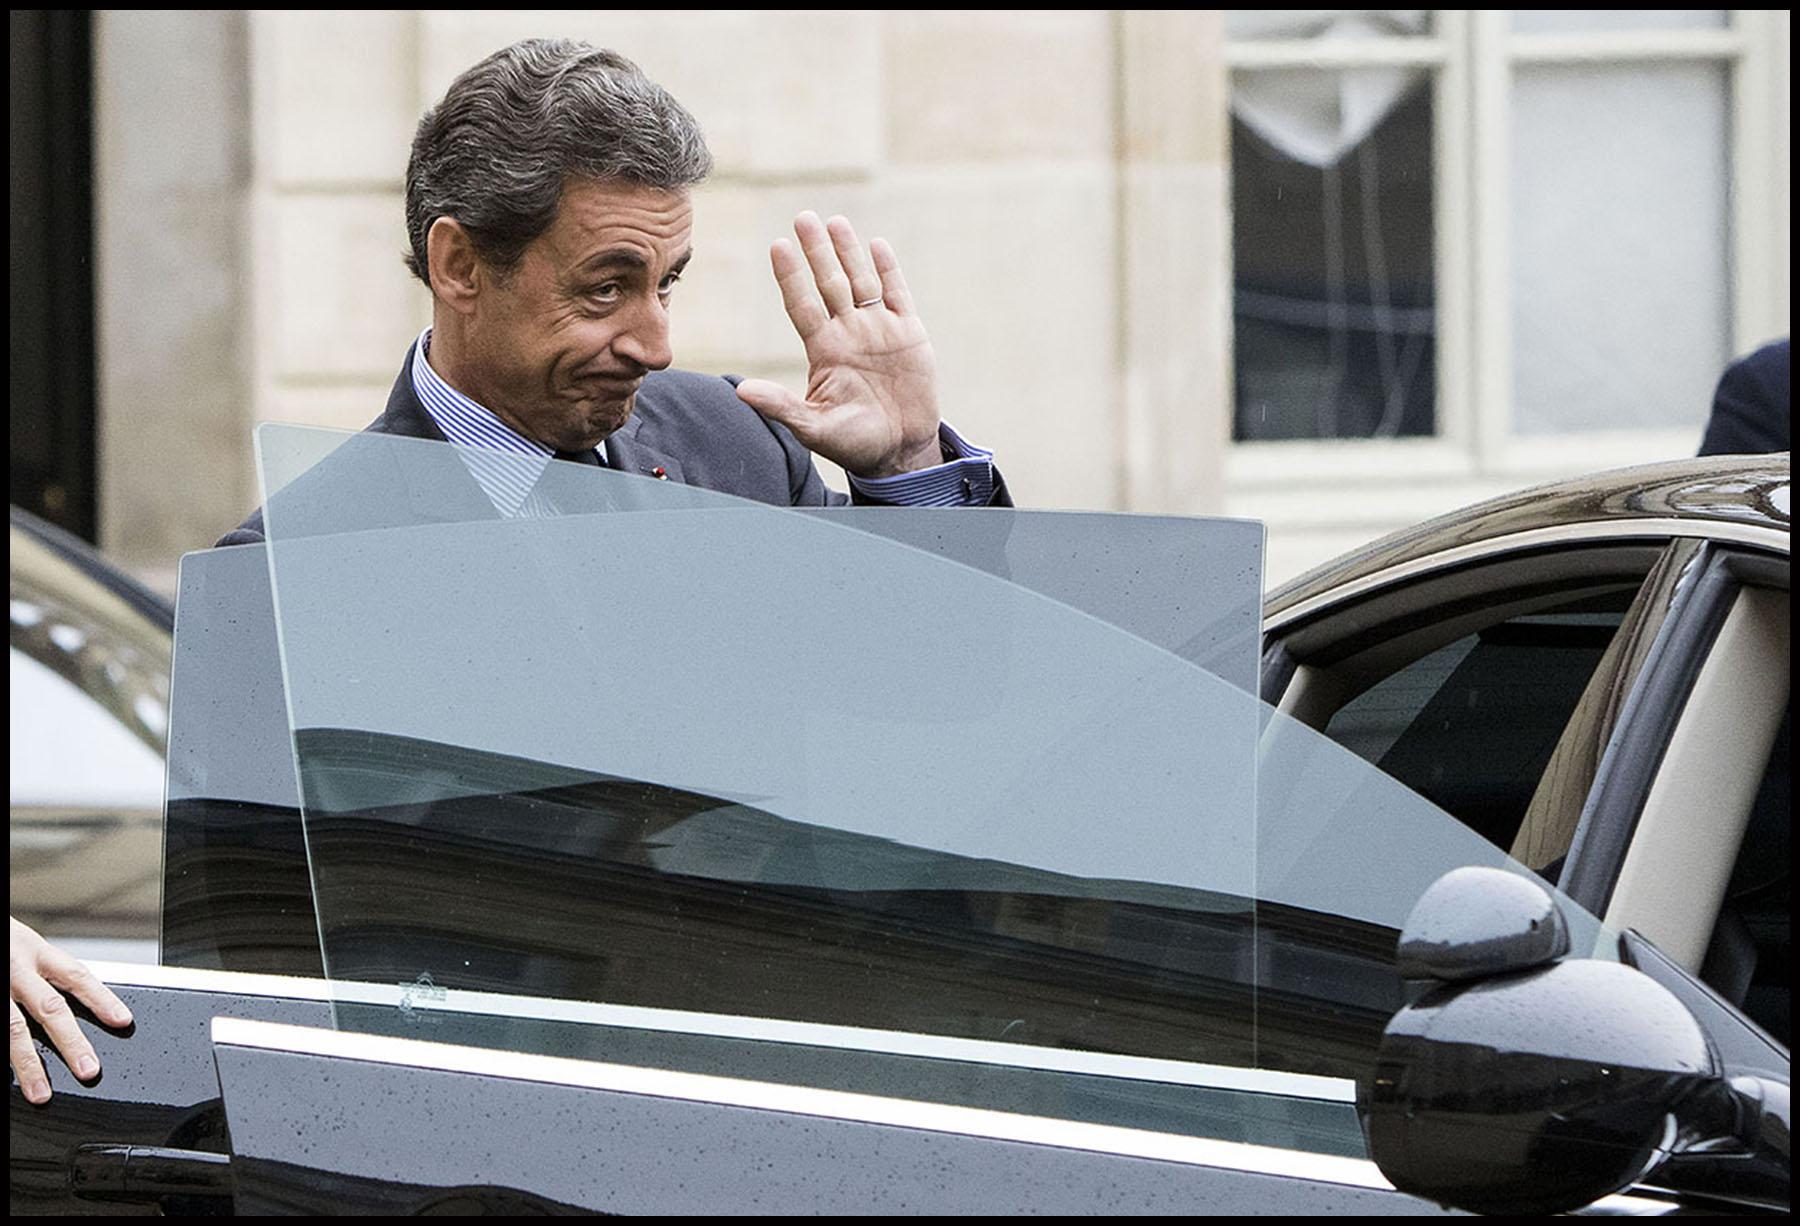 L'ancien président Nicolas SARKOZY reçu à l'Elysée par le président François HOLLANDE qui consulte les principaux responsables politiques sur la réforme de la Constitution.